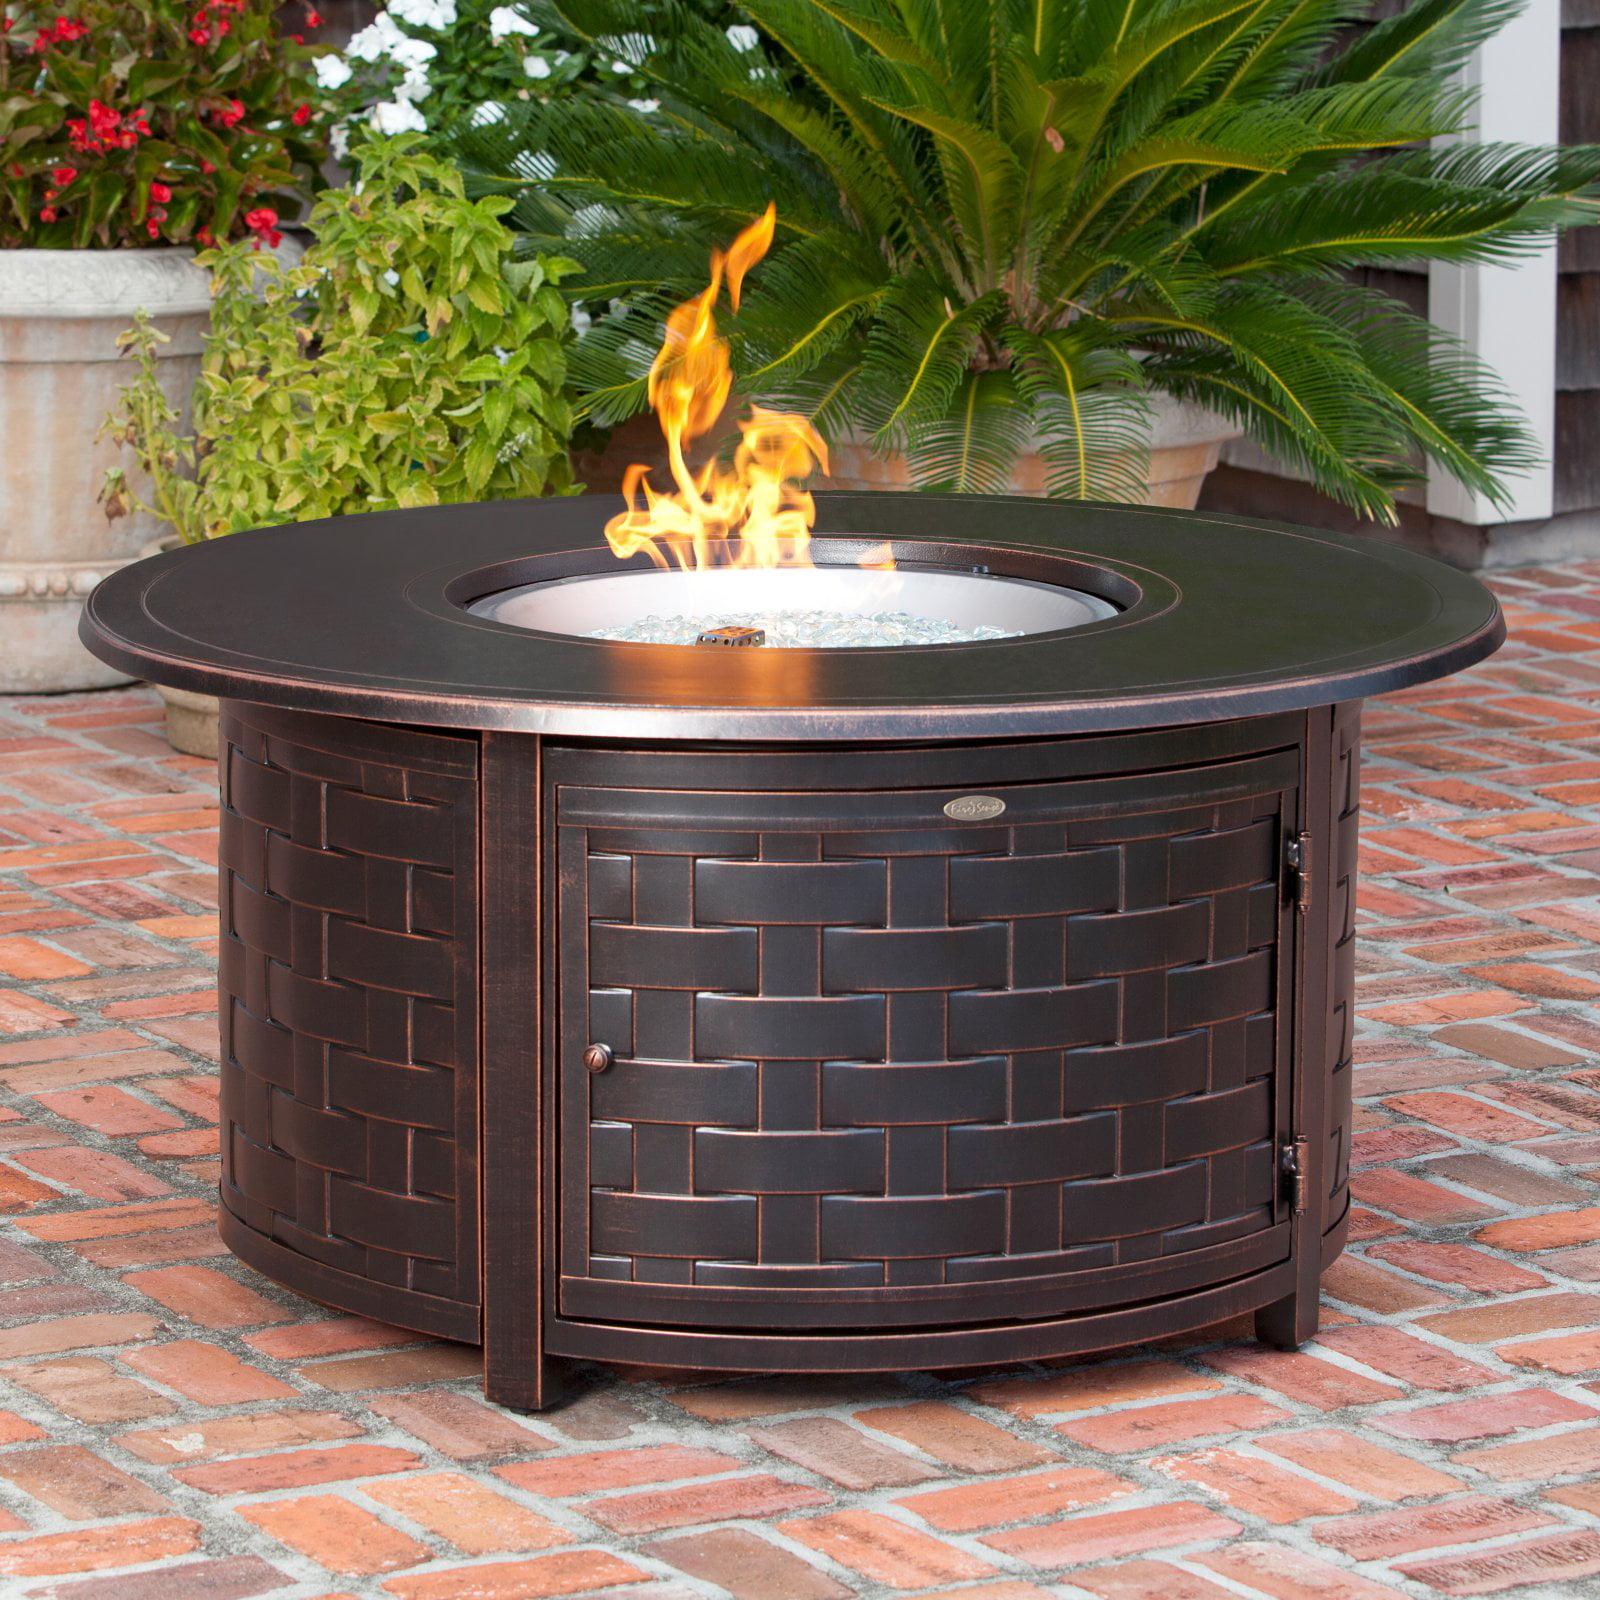 Fire Sense Perissa Woven Round Cast Aluminum Propane Gas ...